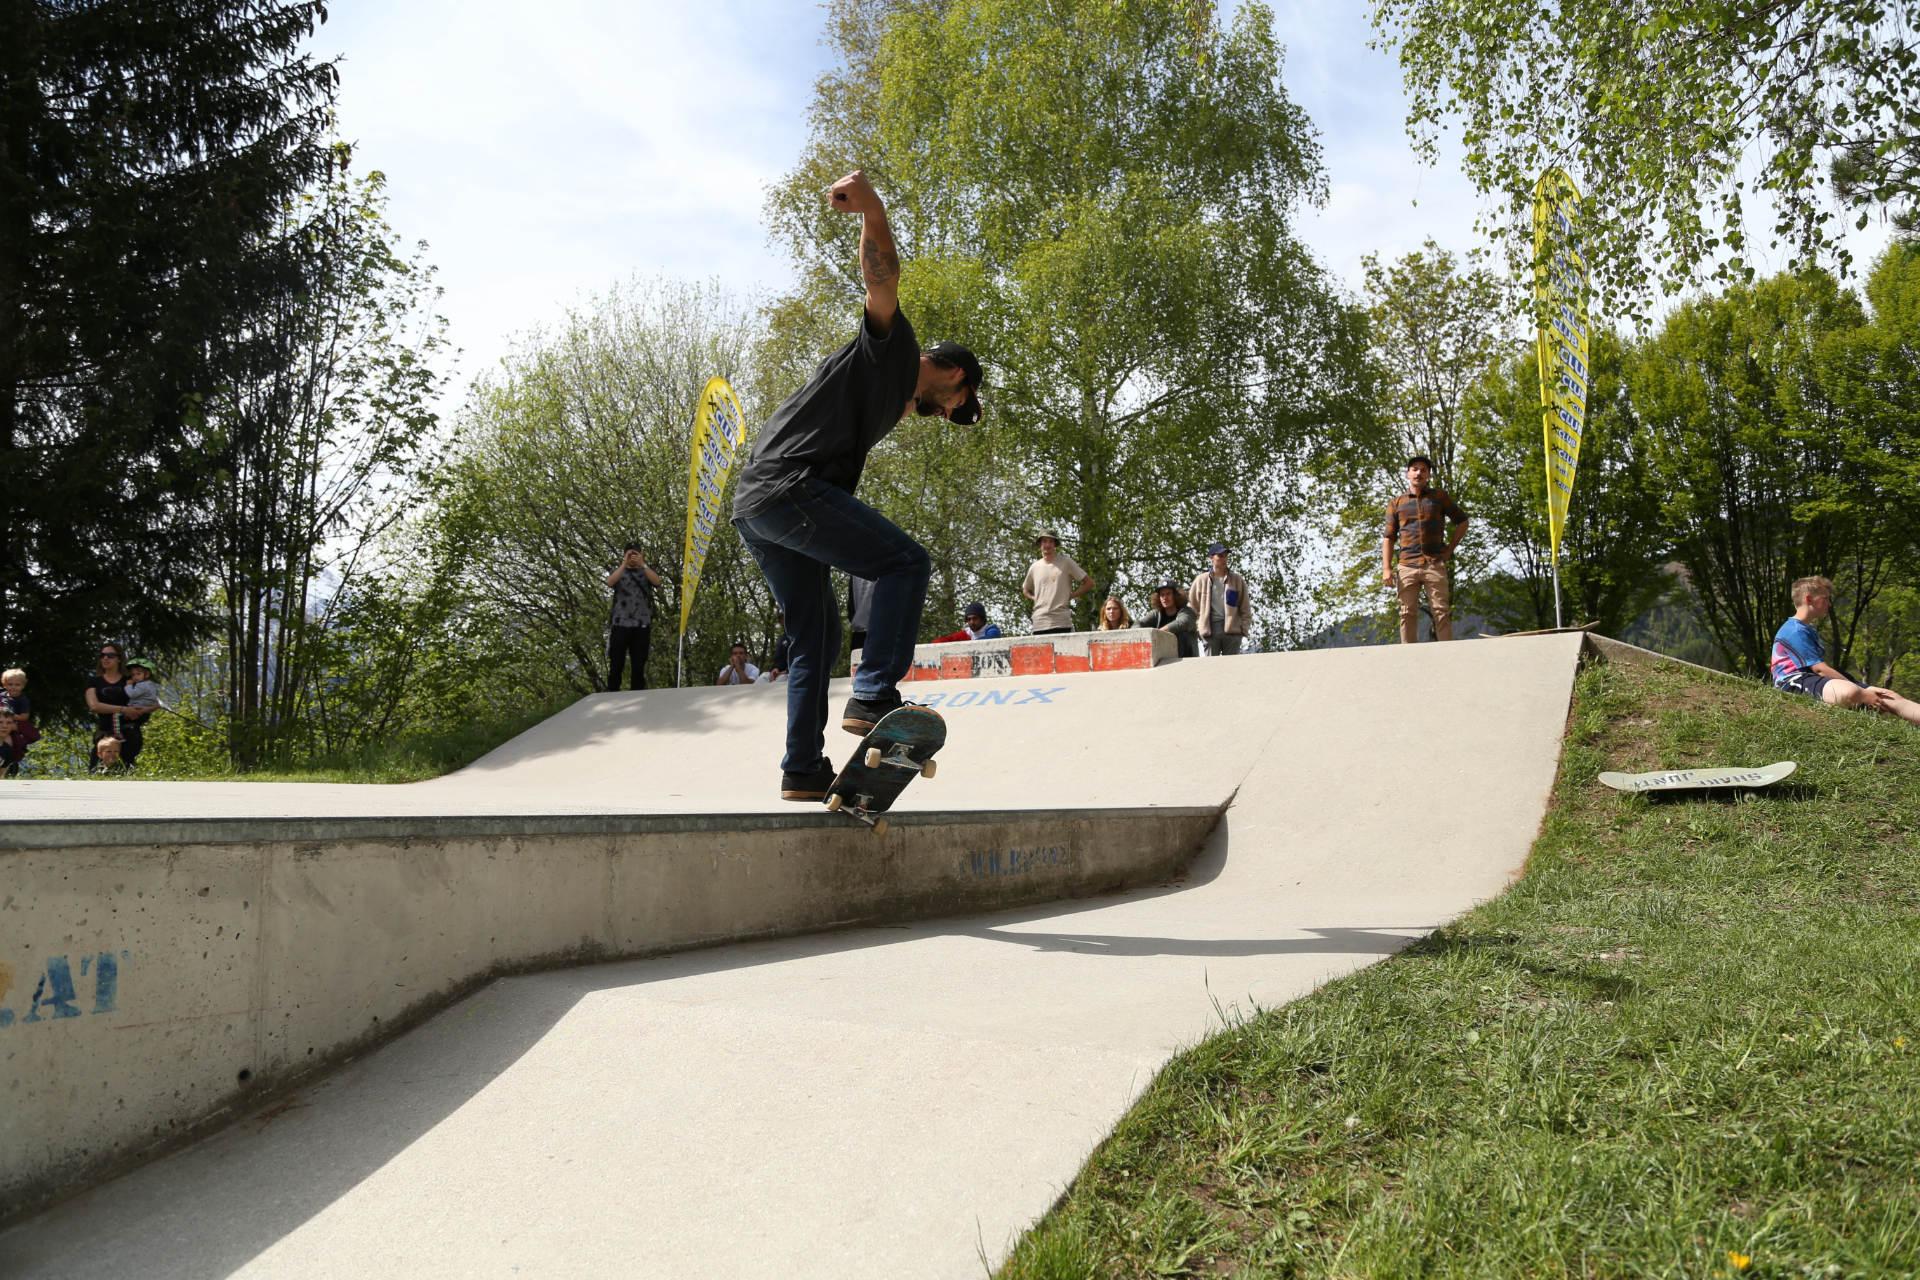 skateboard headz fieberbrunn kgt kitz gau trophy 2019 saalfelden hell00083